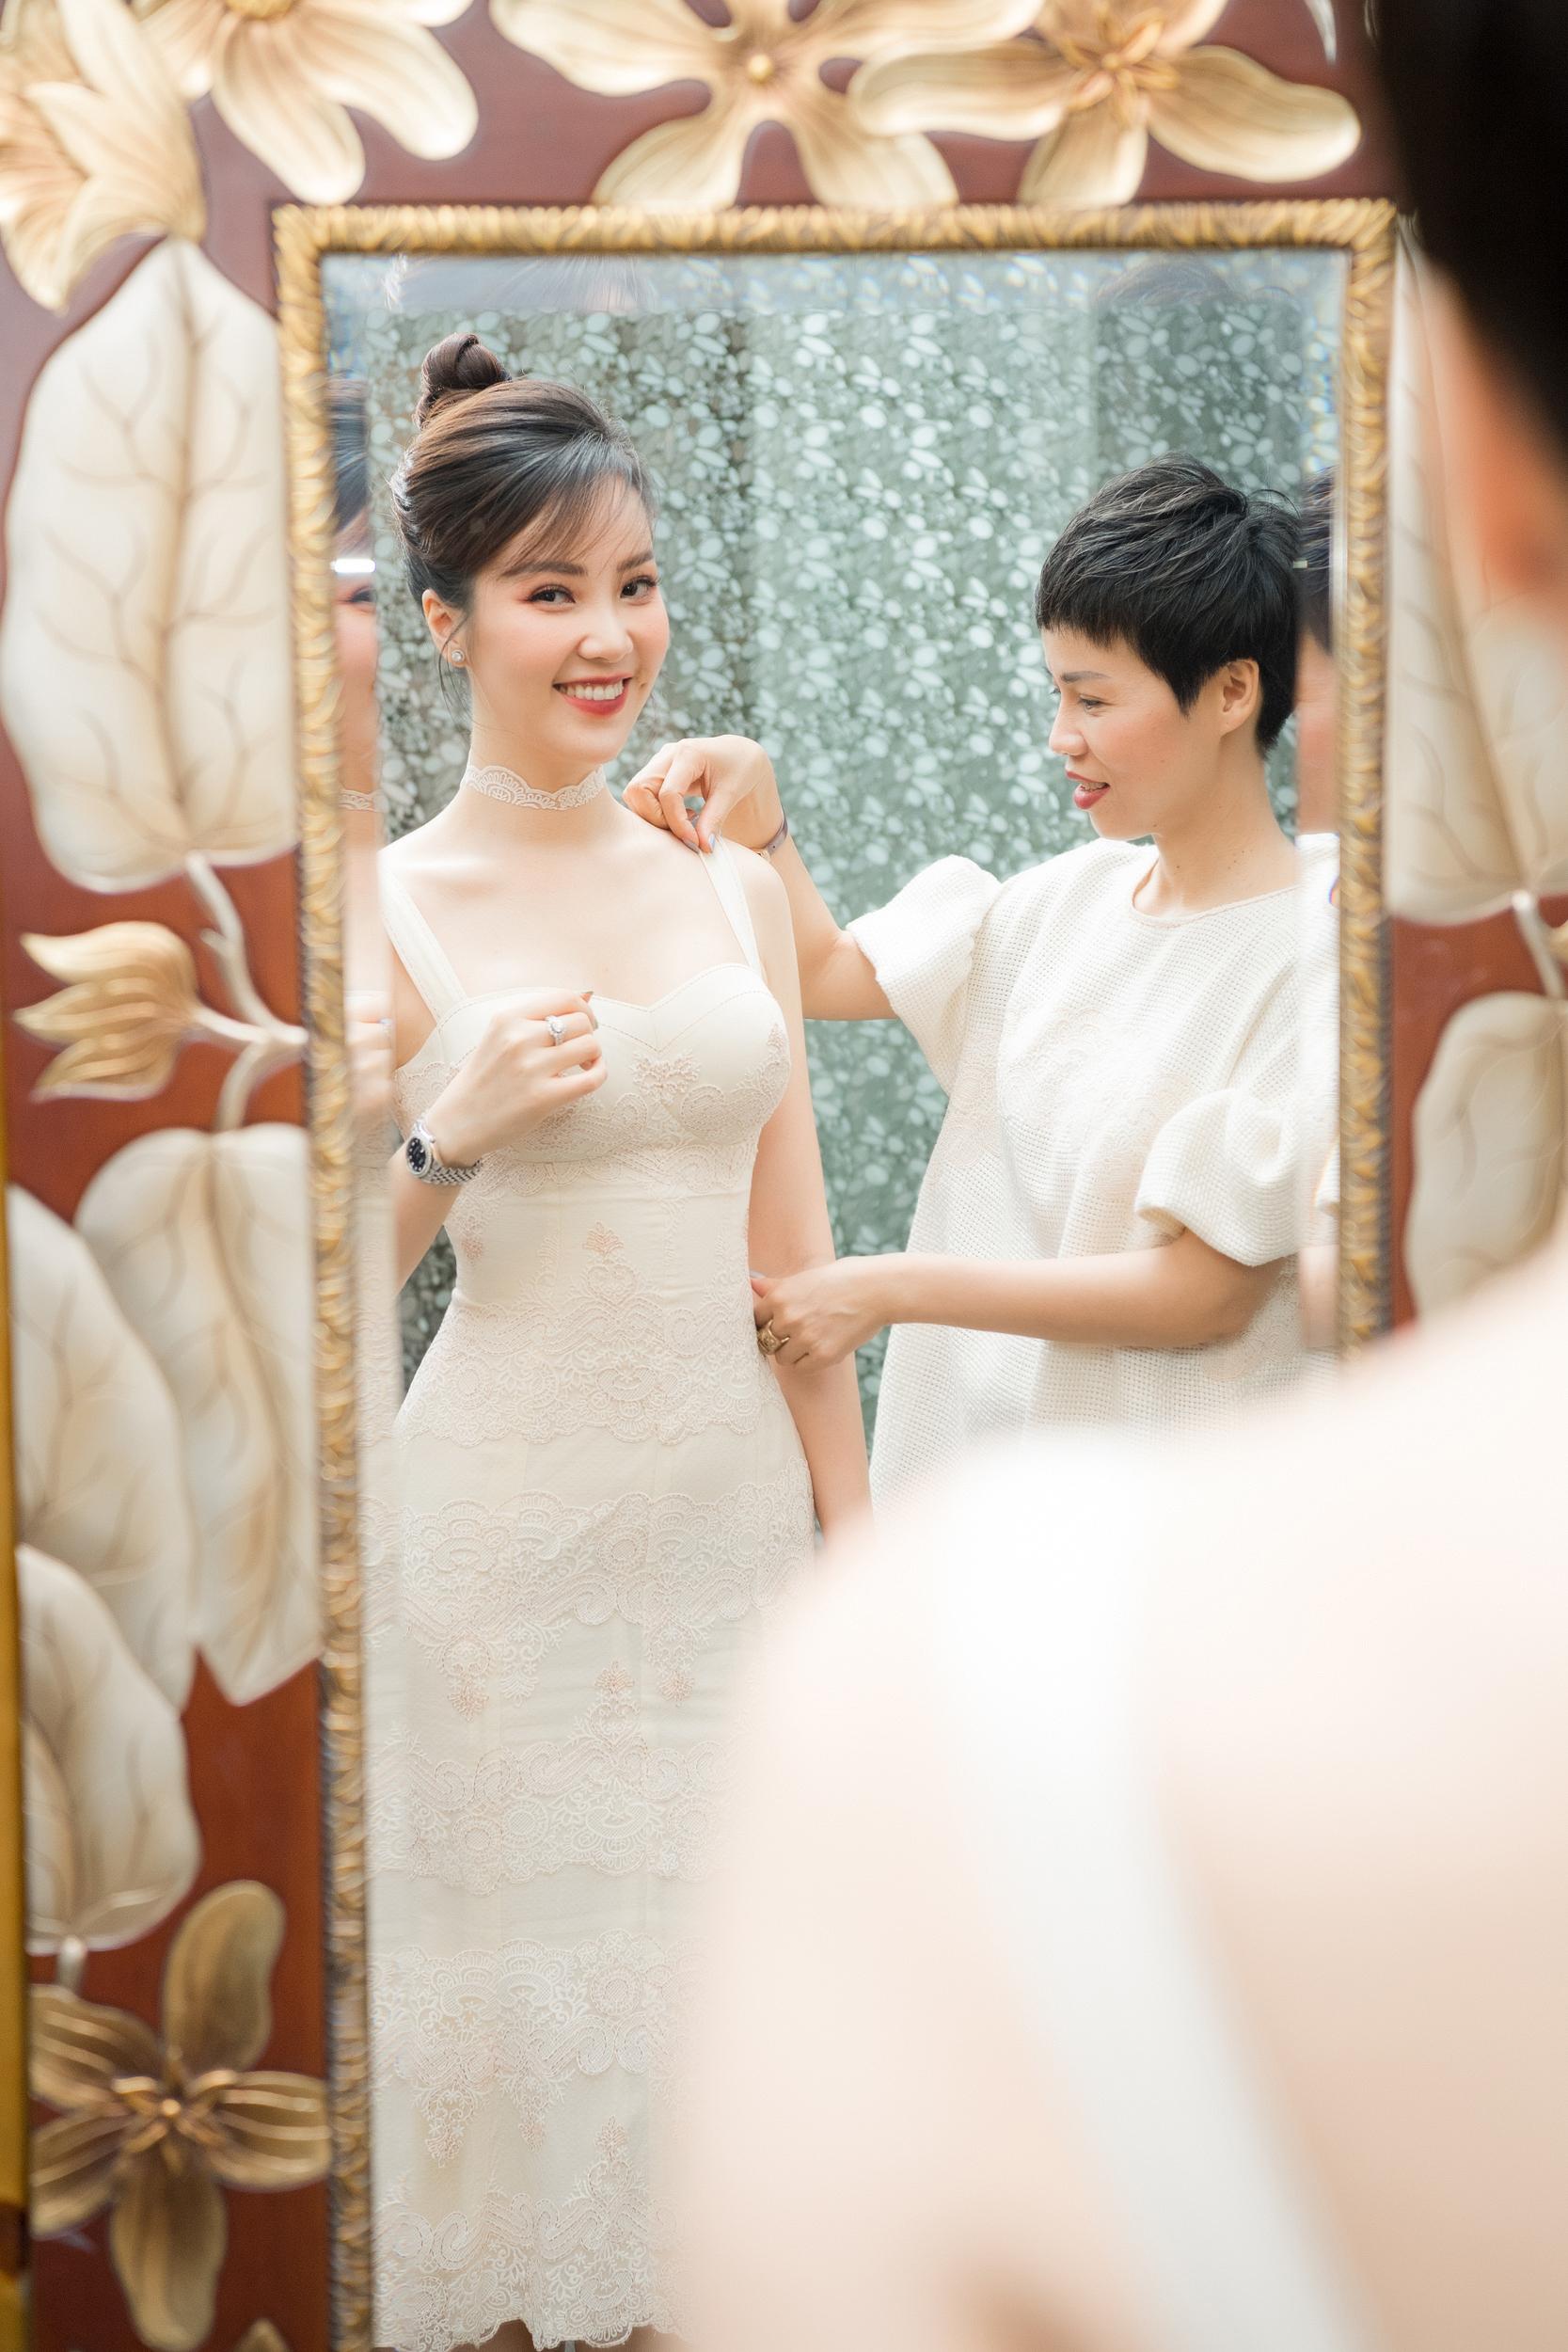 Á hậu Thụy Vân quyên góp trang phục cũ ủng hộ chiến dịch tái chế của NTK Xuân Lê - Ảnh 6.